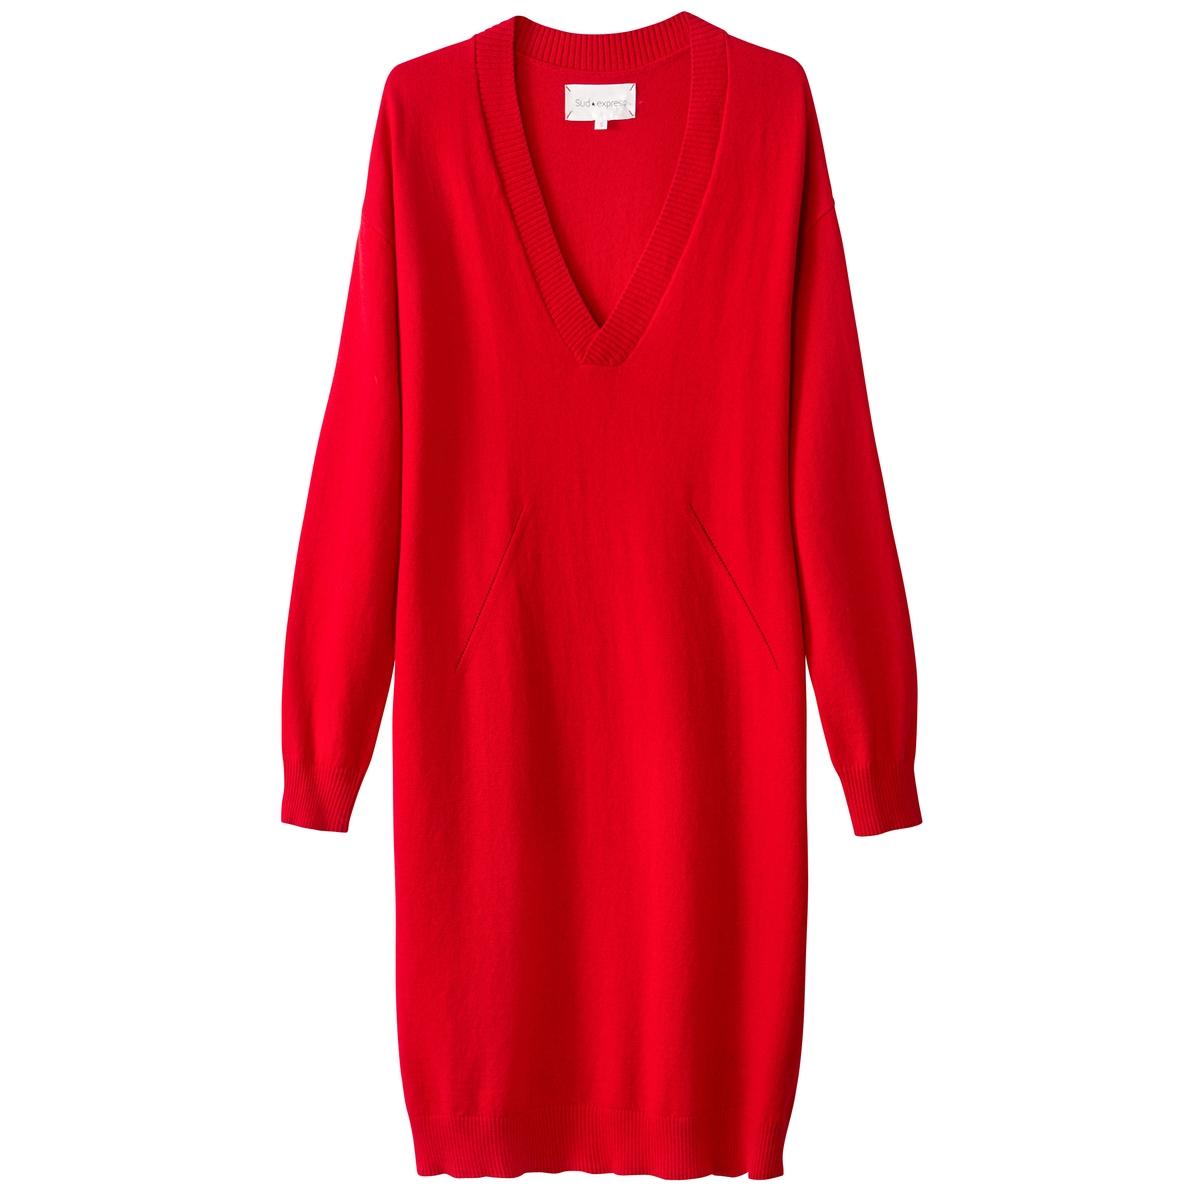 Платье-пуловер прямое с длинными рукавамиДетали  •  Форма : платье-пуловер •  Укороченная модель •  Длинные рукава    •   V-образный вырезСостав и уход  •  20% шерсти, 80% хлопка •  Следуйте советам по уходу, указанным на этикетке<br><br>Цвет: черный